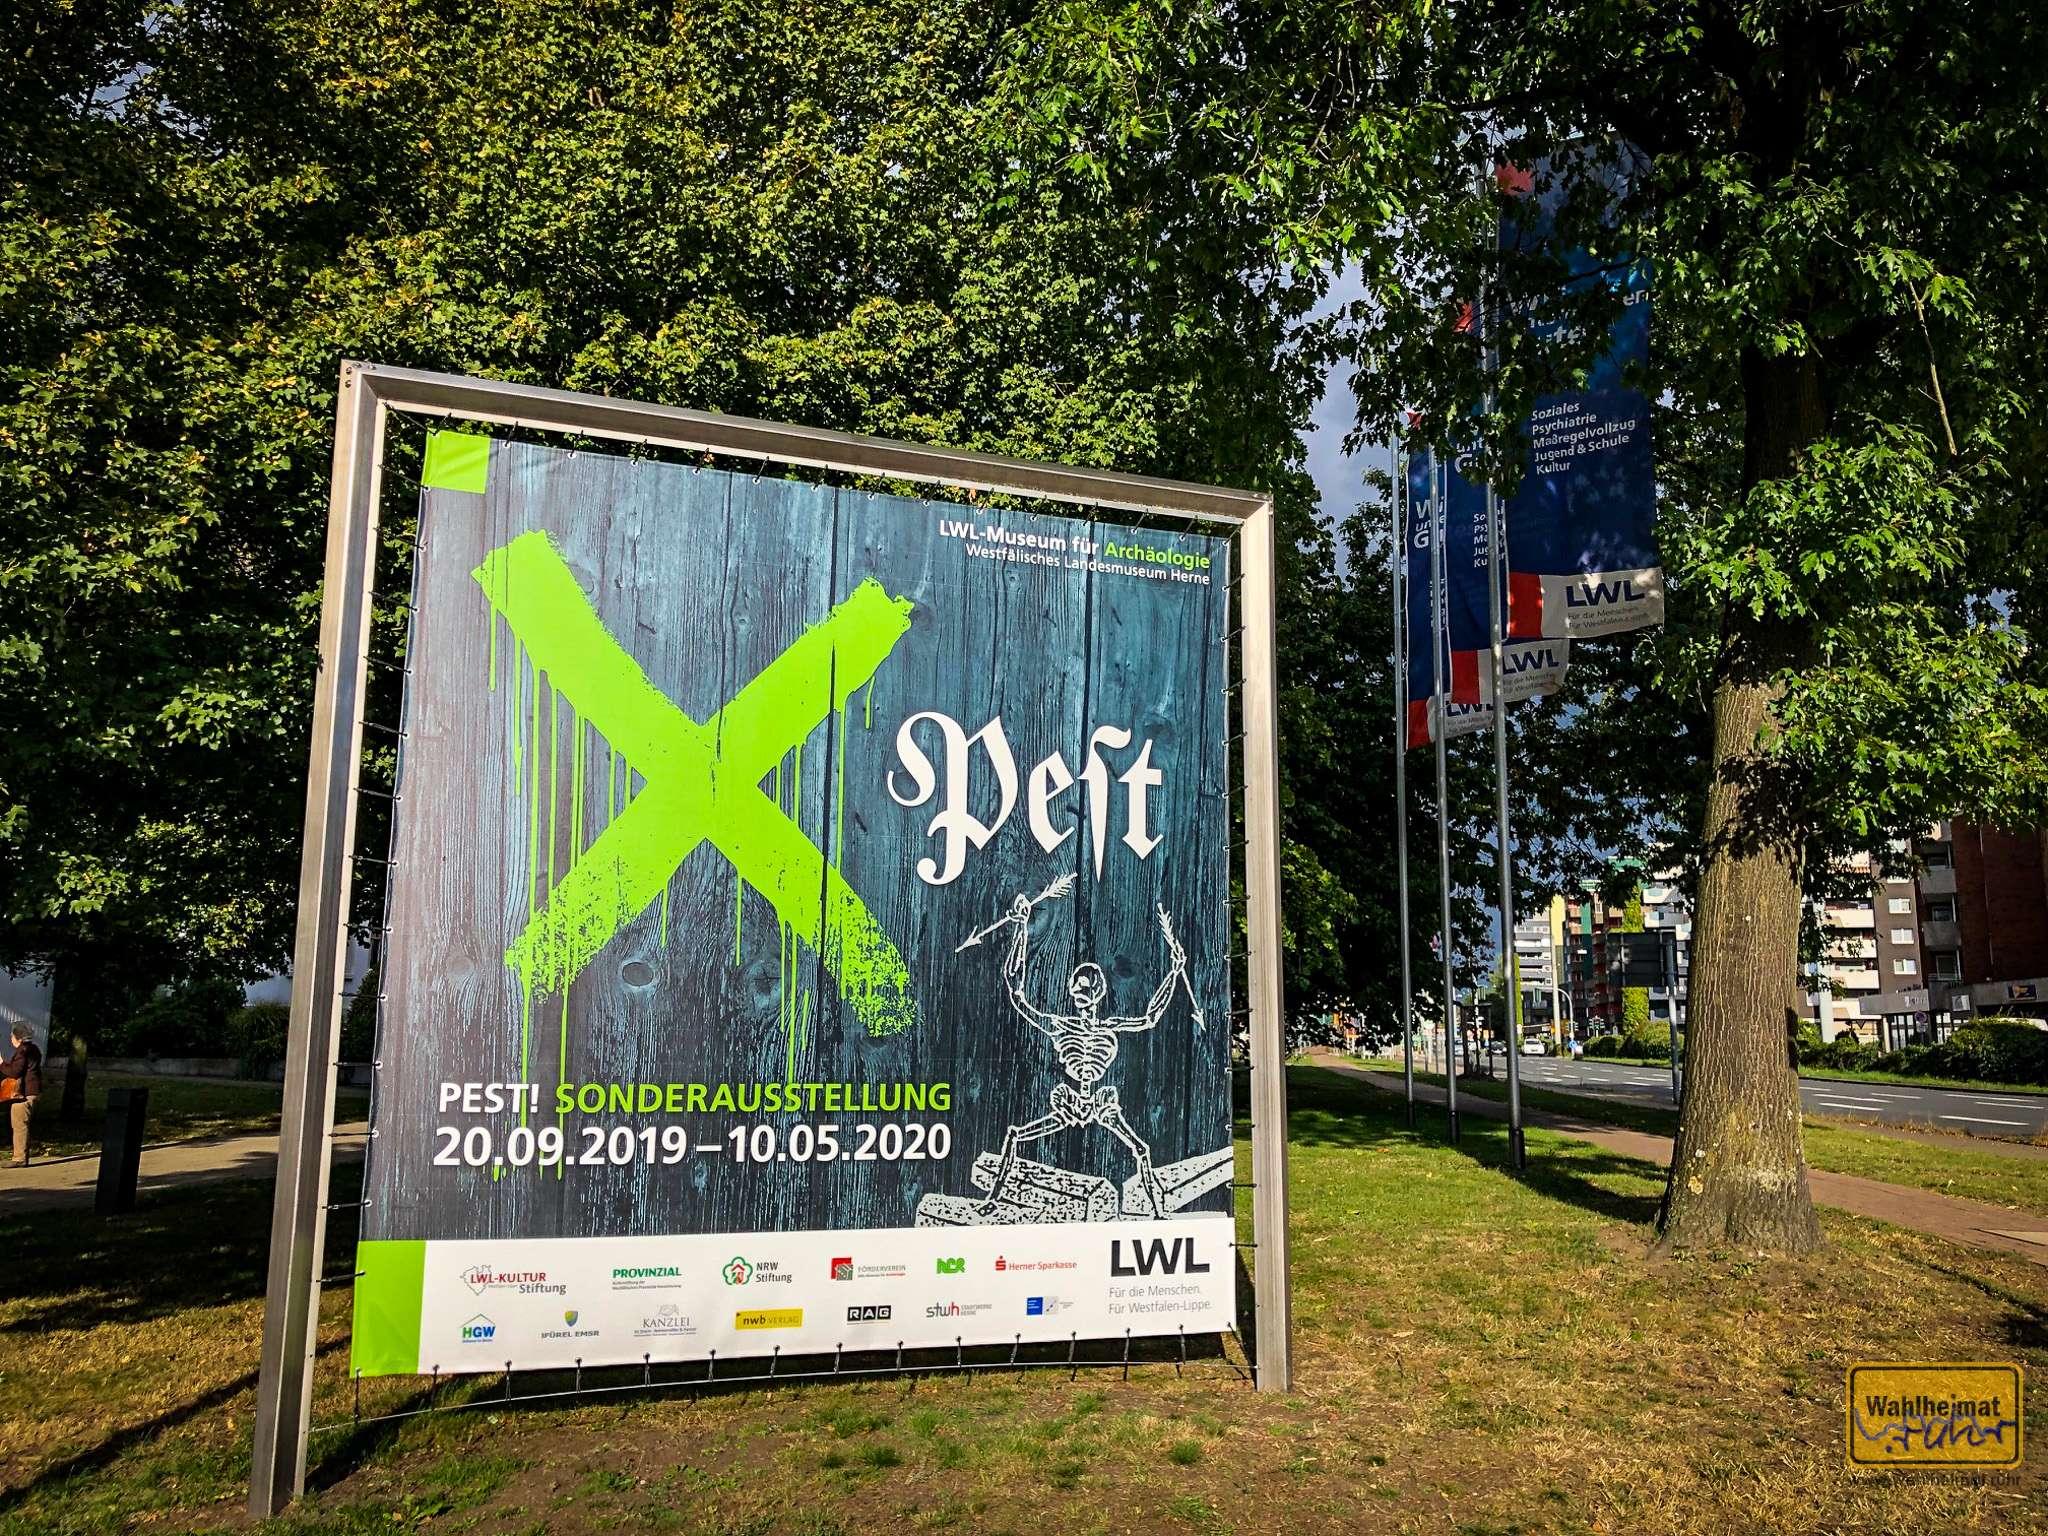 Pest-Plakat vor dem Museum in Herne.